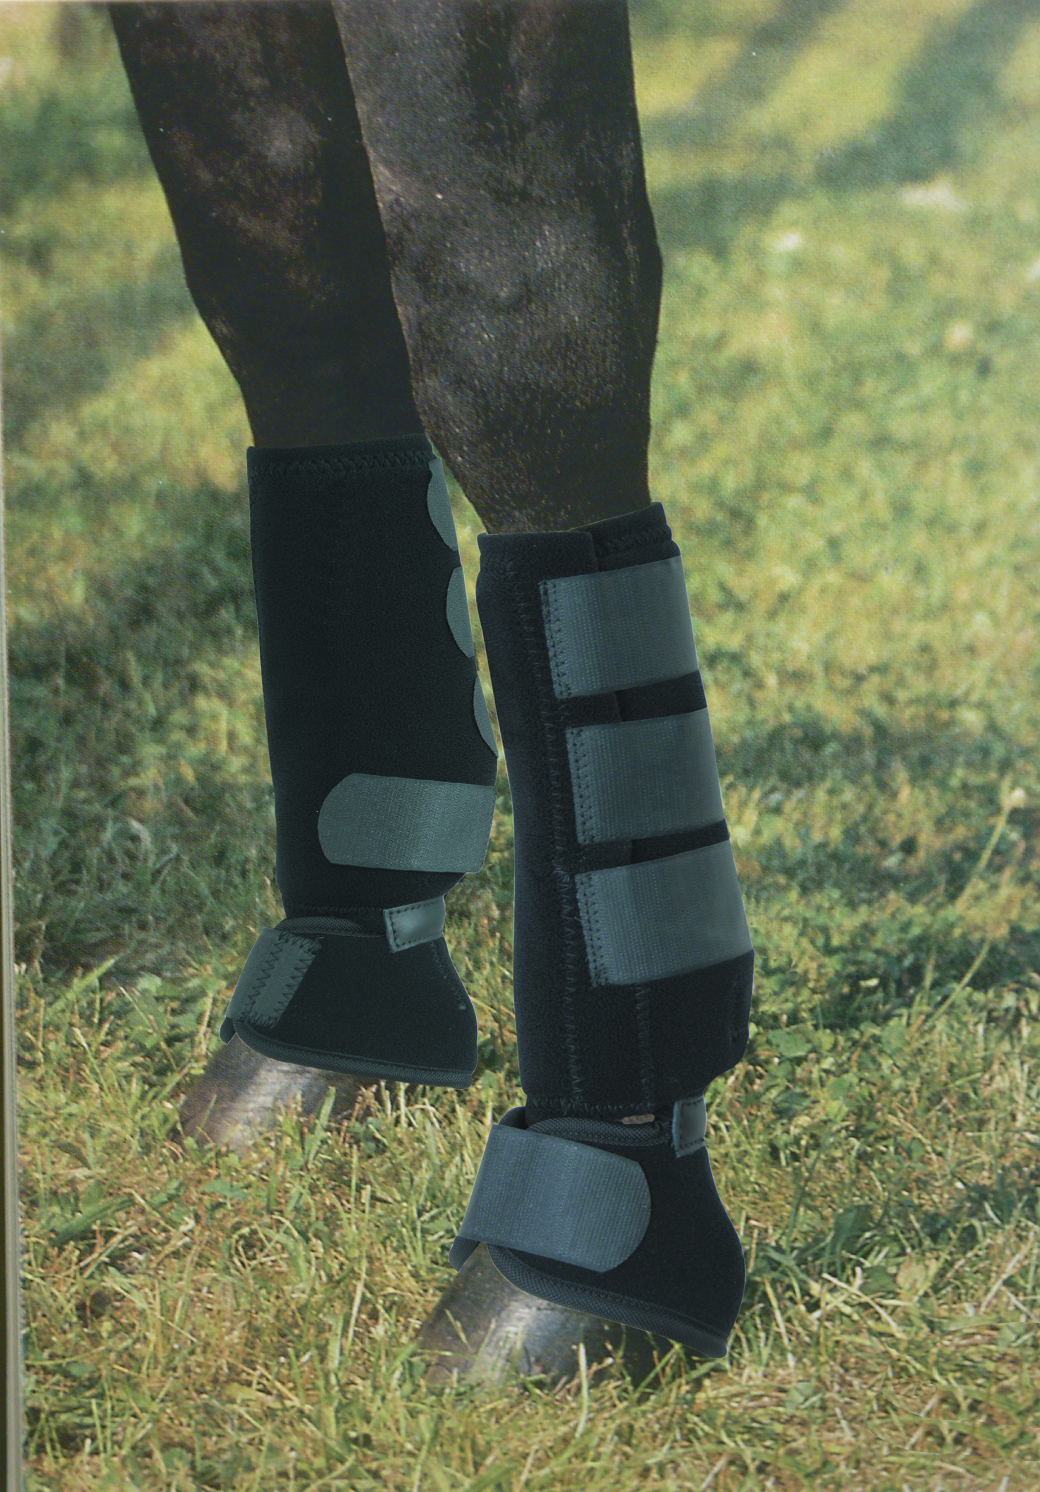 Abetta Combo Support & Bell Boots